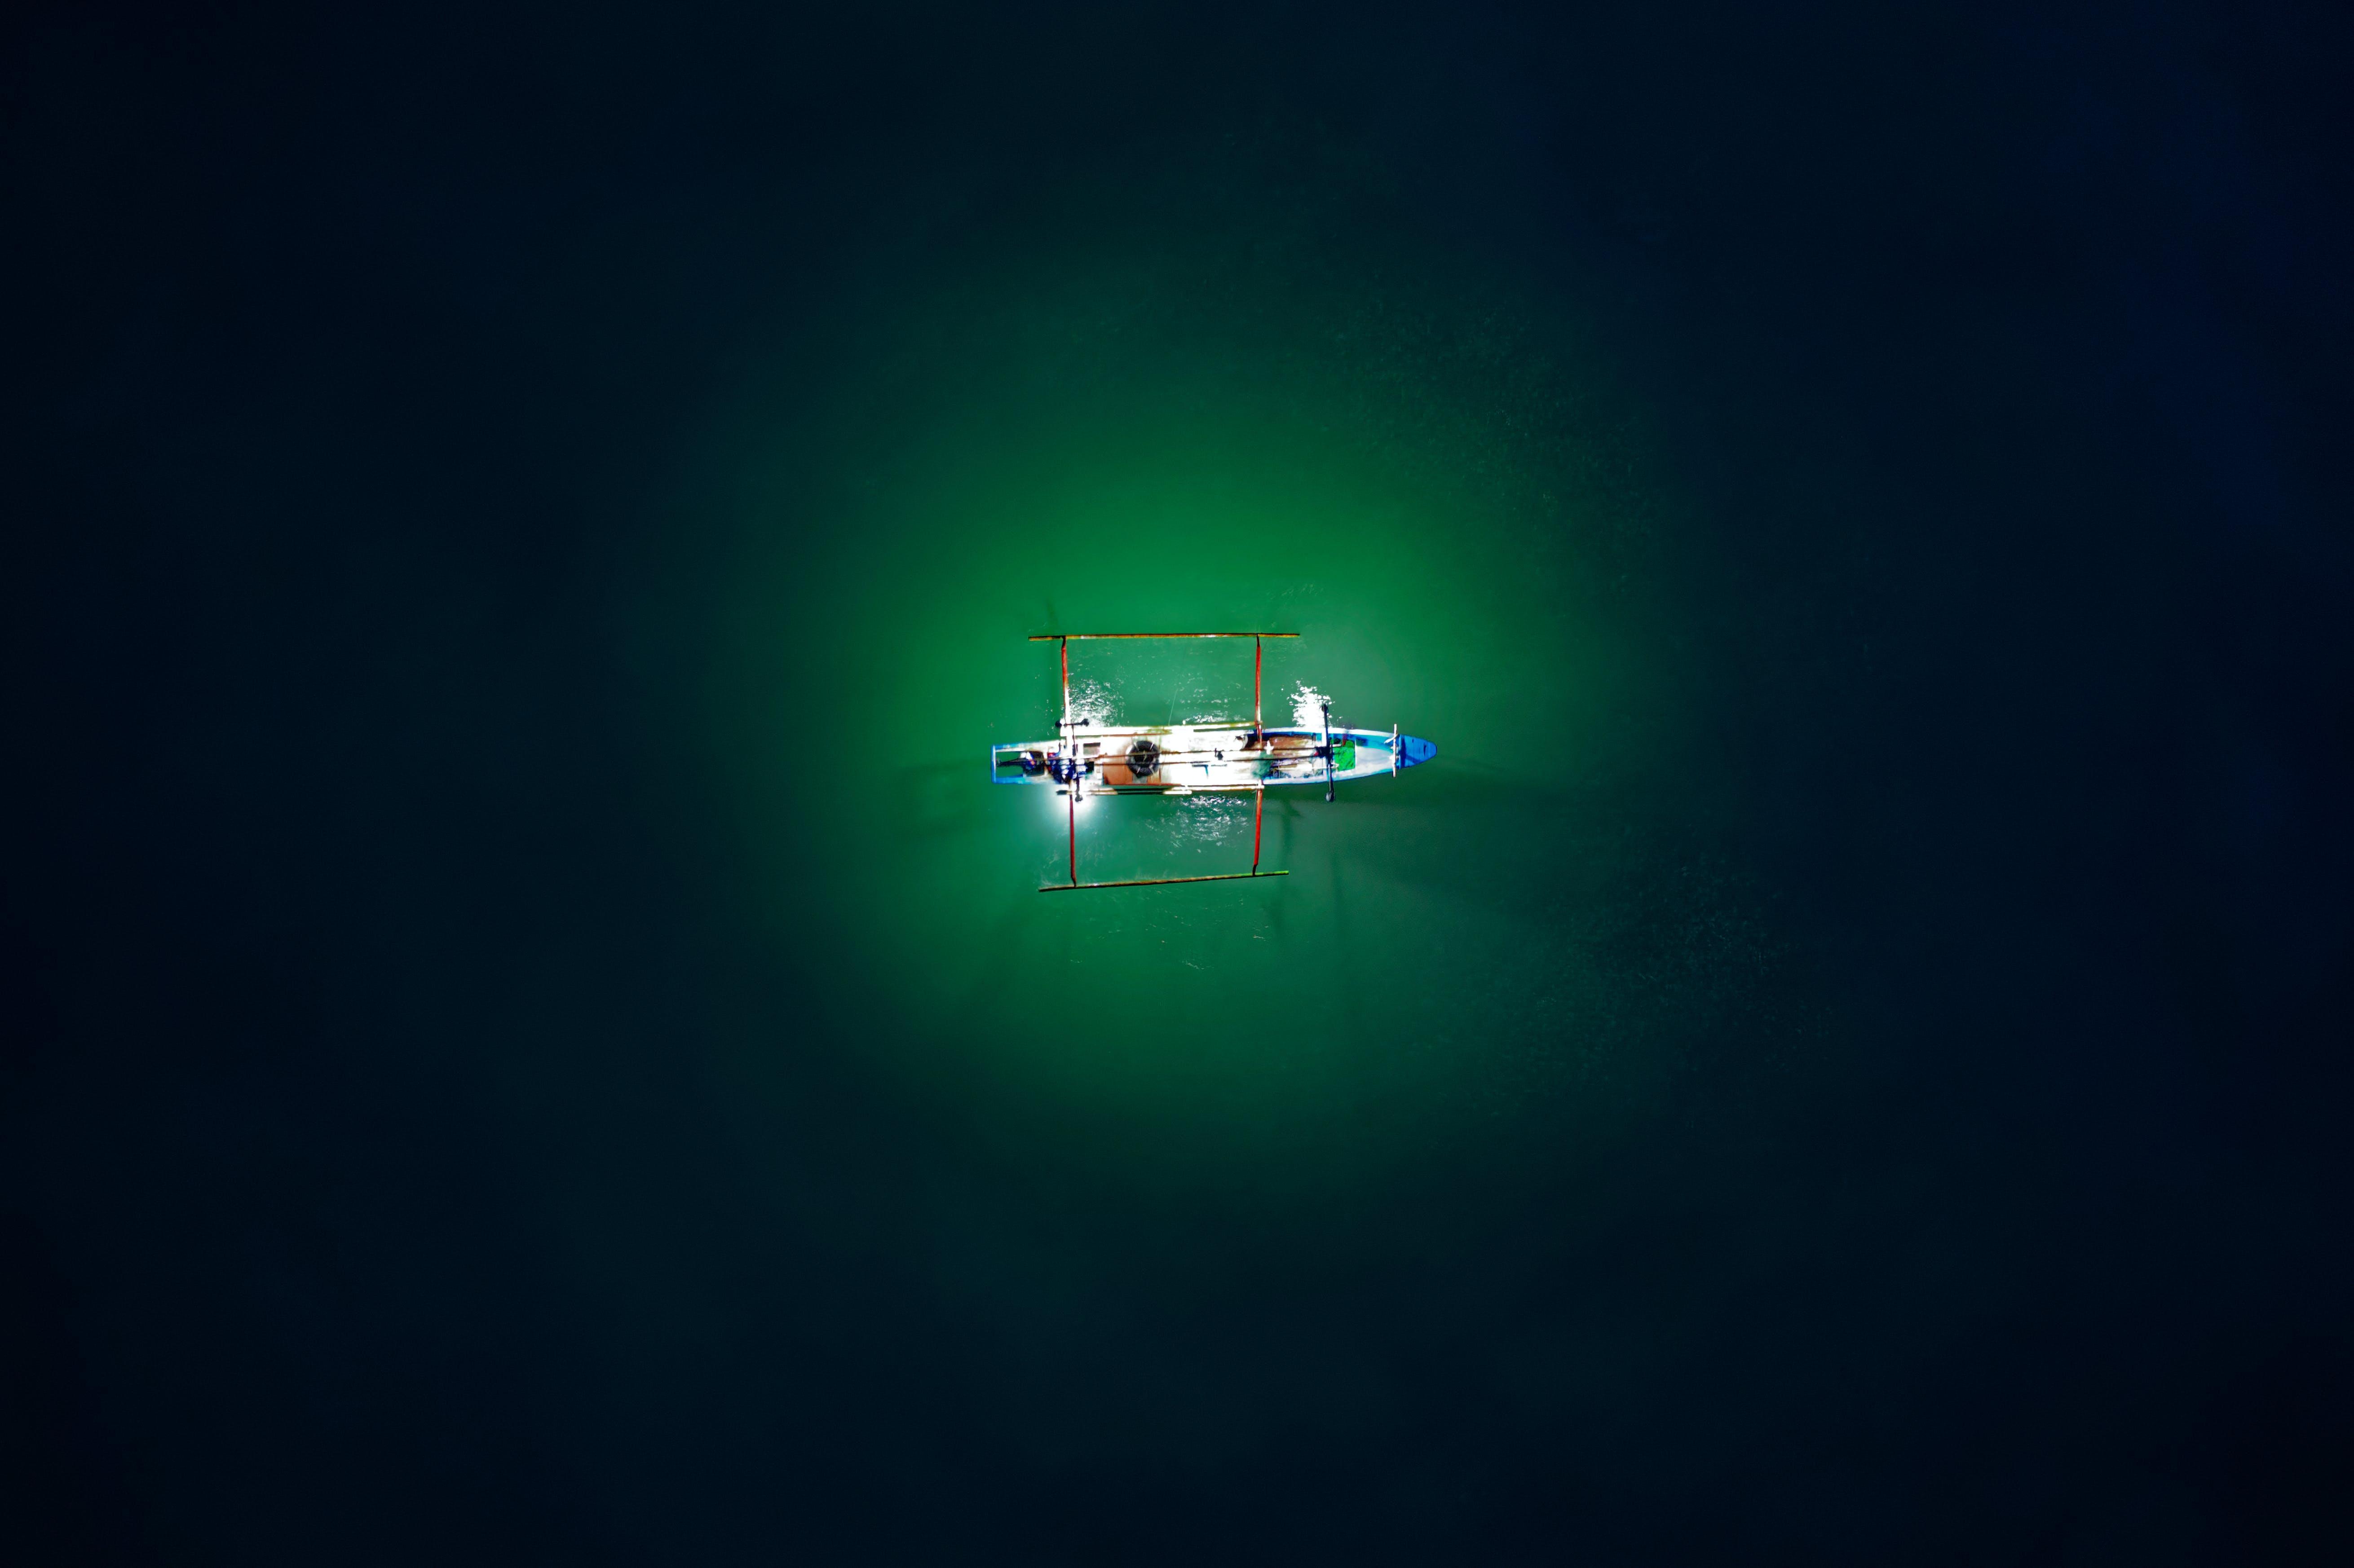 båt, drönarbilder, fågelperspektiv